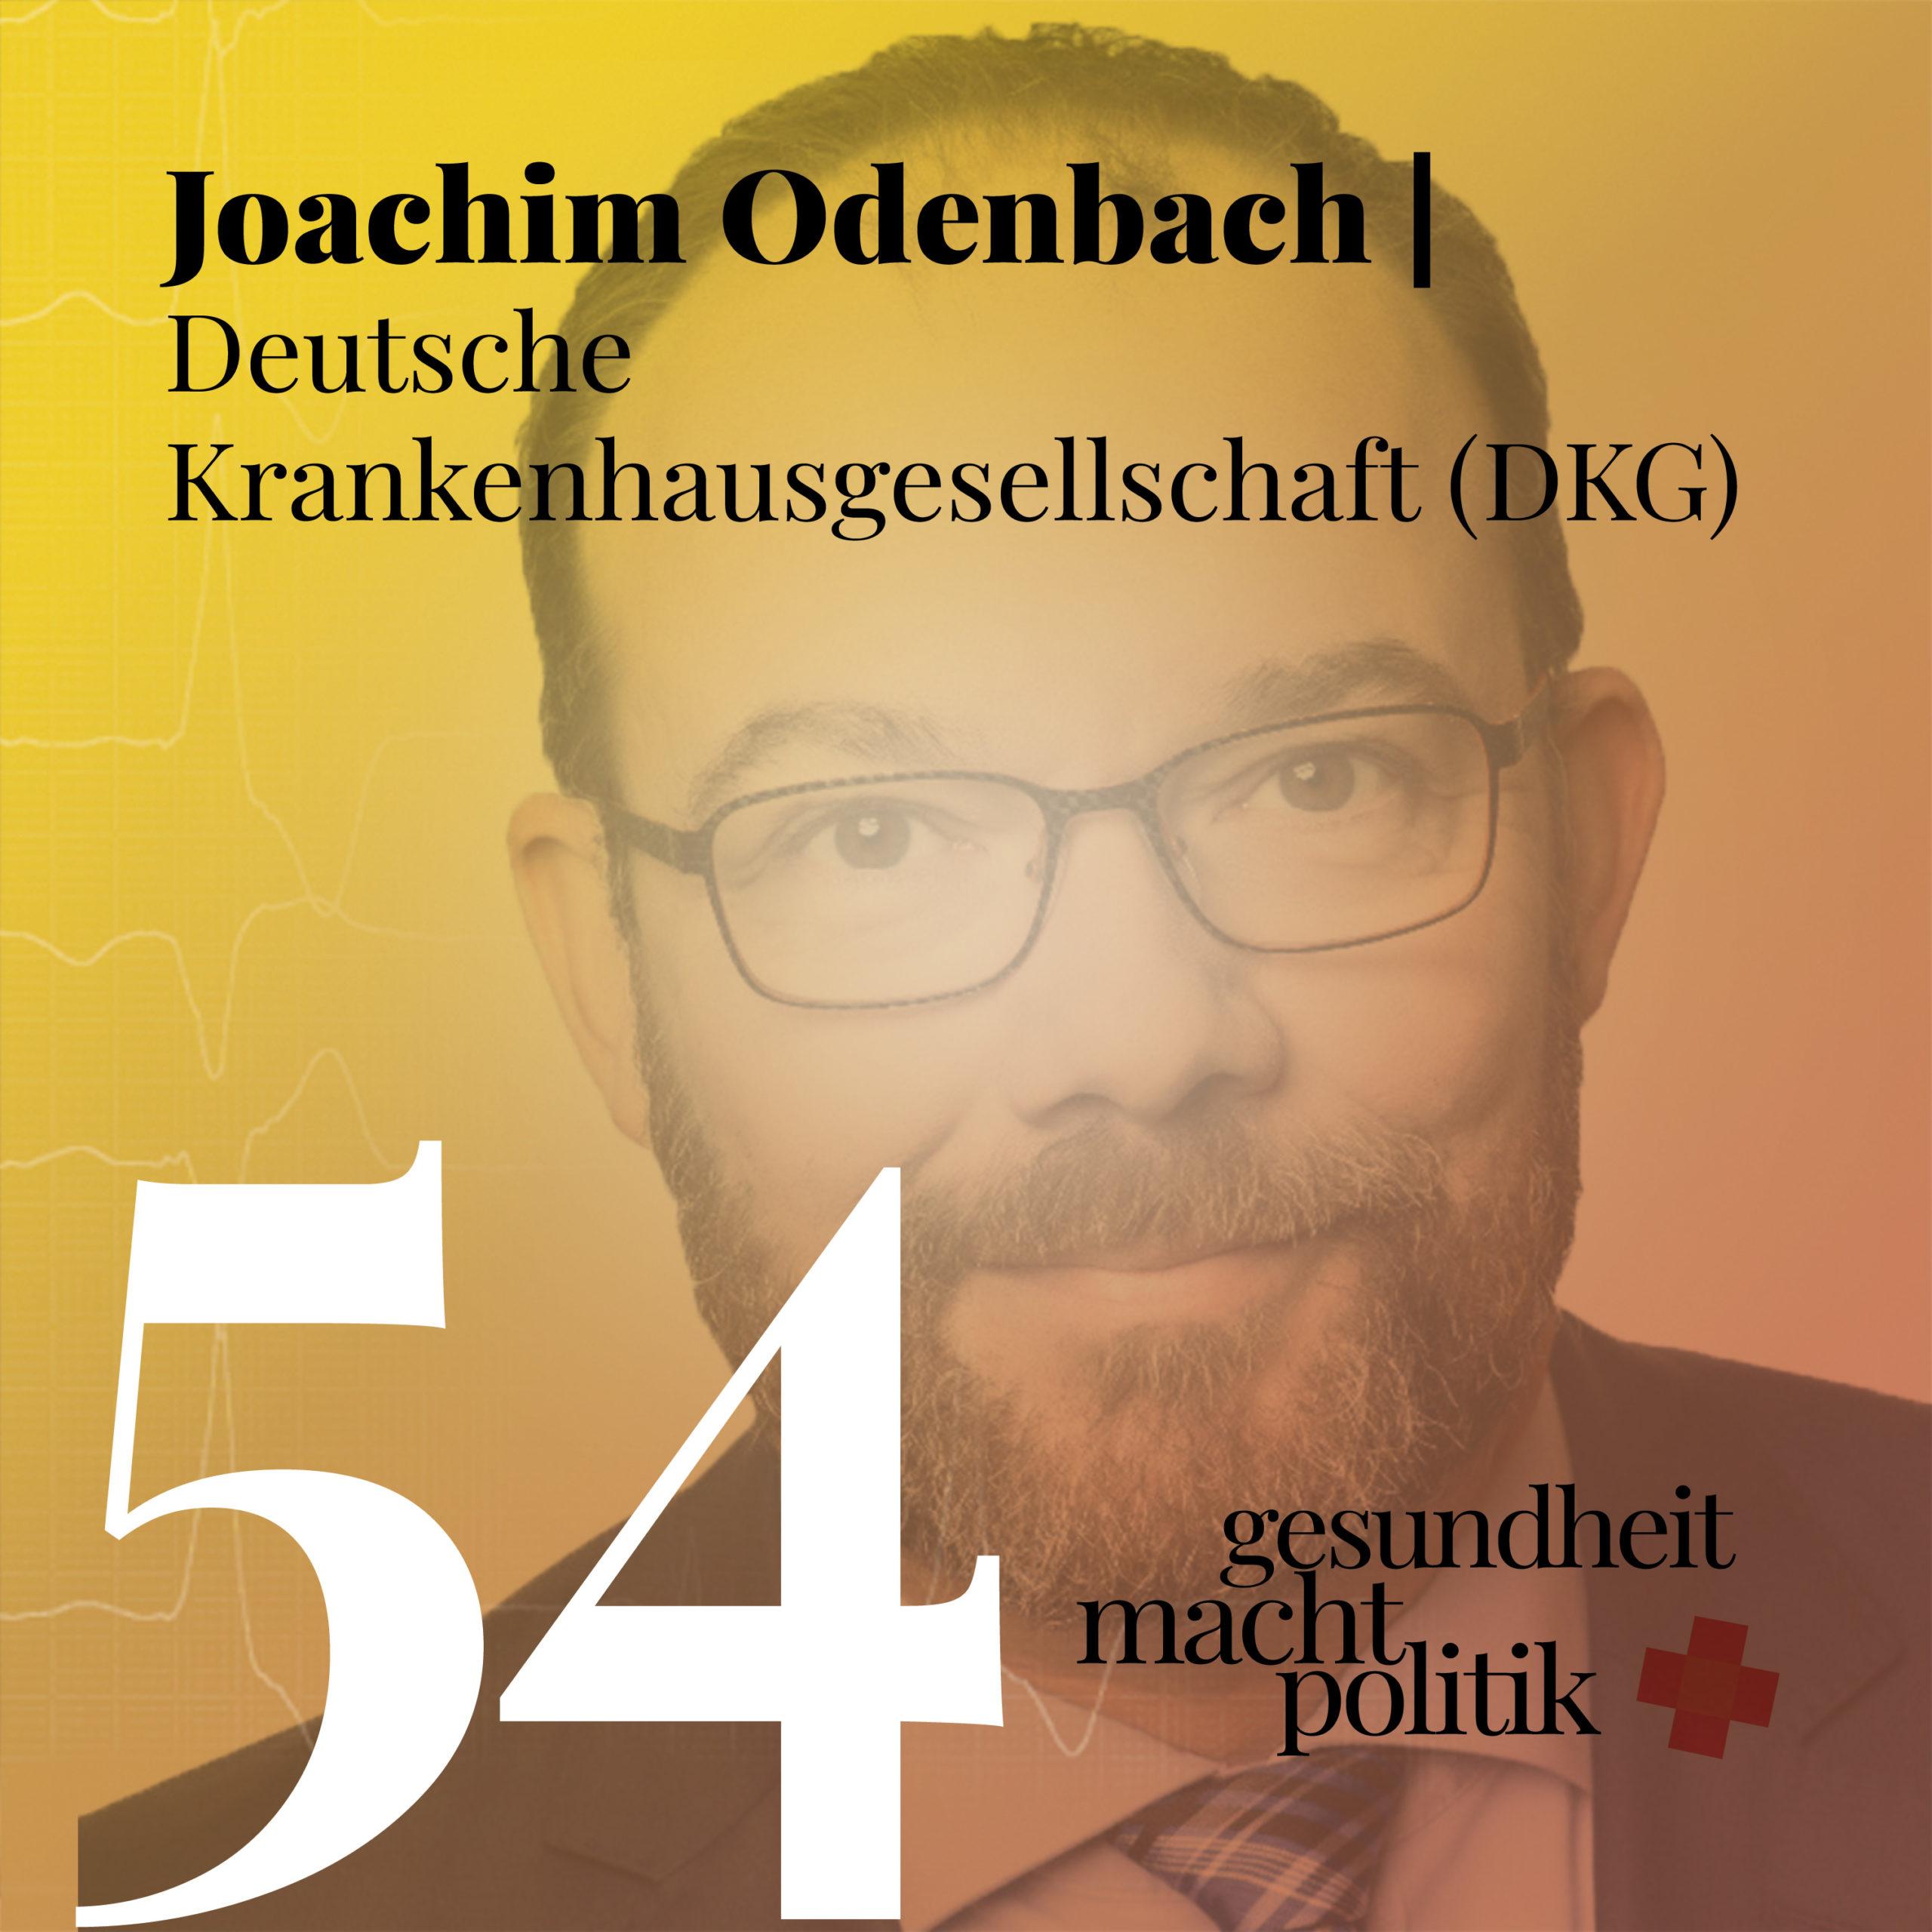 gmp054 Joachim Odenbach - Deutsche Krankenhausgesellschaft (DKG)